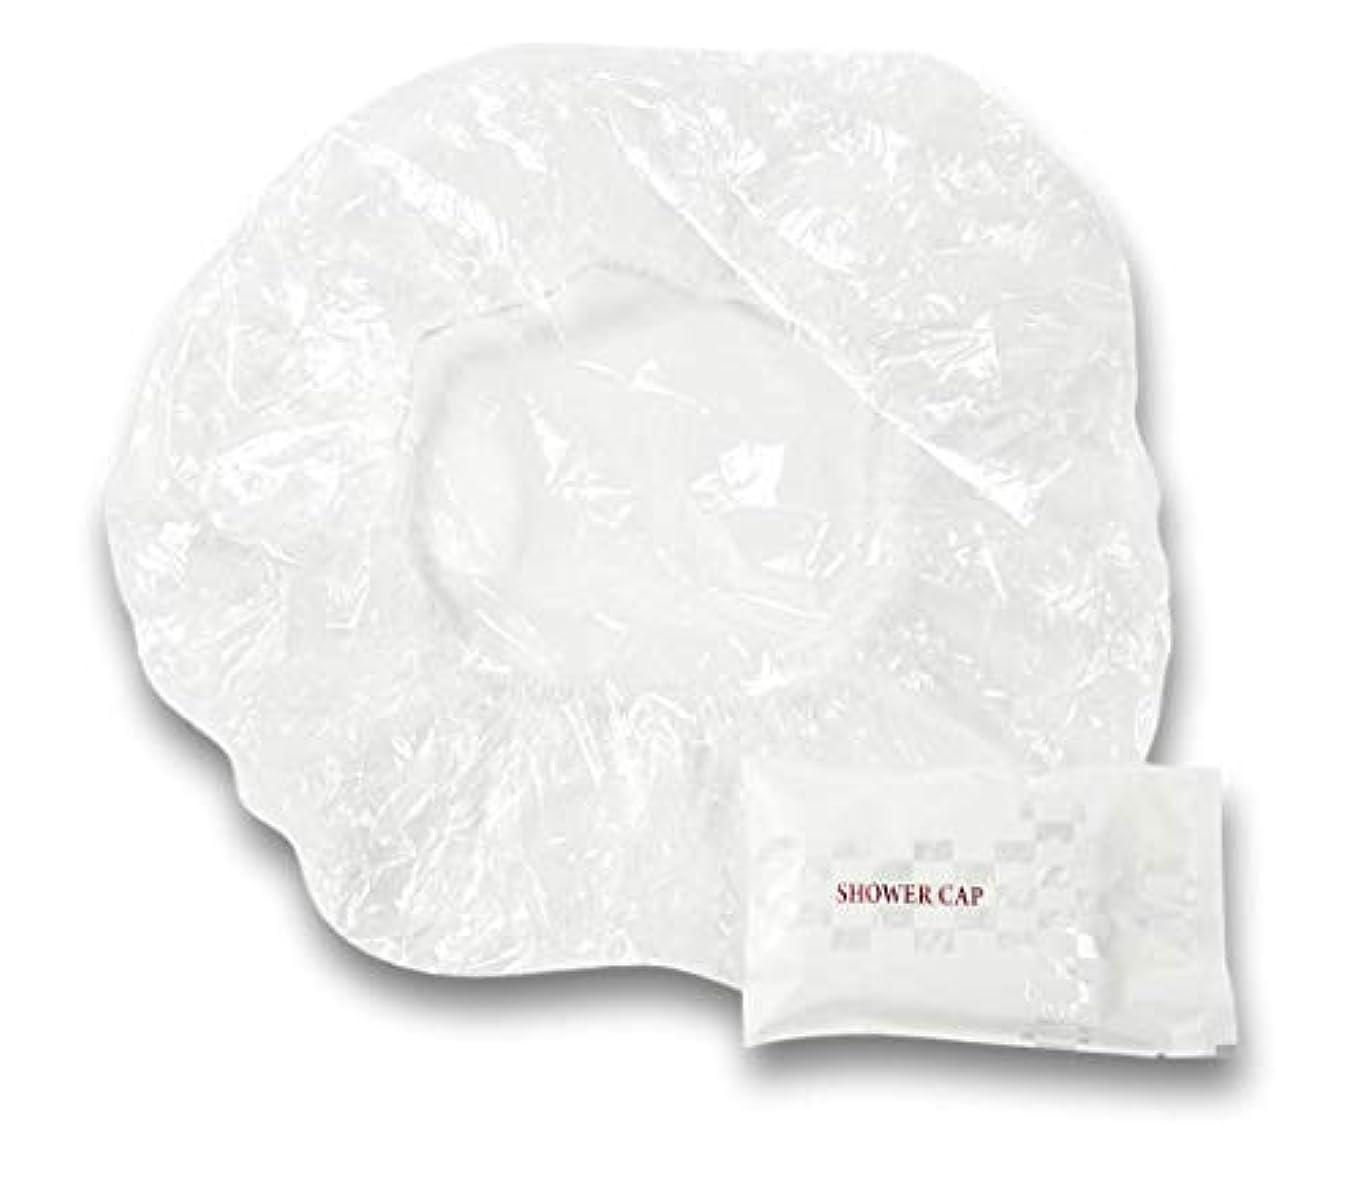 透明に拍車褐色ラティス シャワーキャップ 業務用 個別包装100入り 使い捨てキャップ